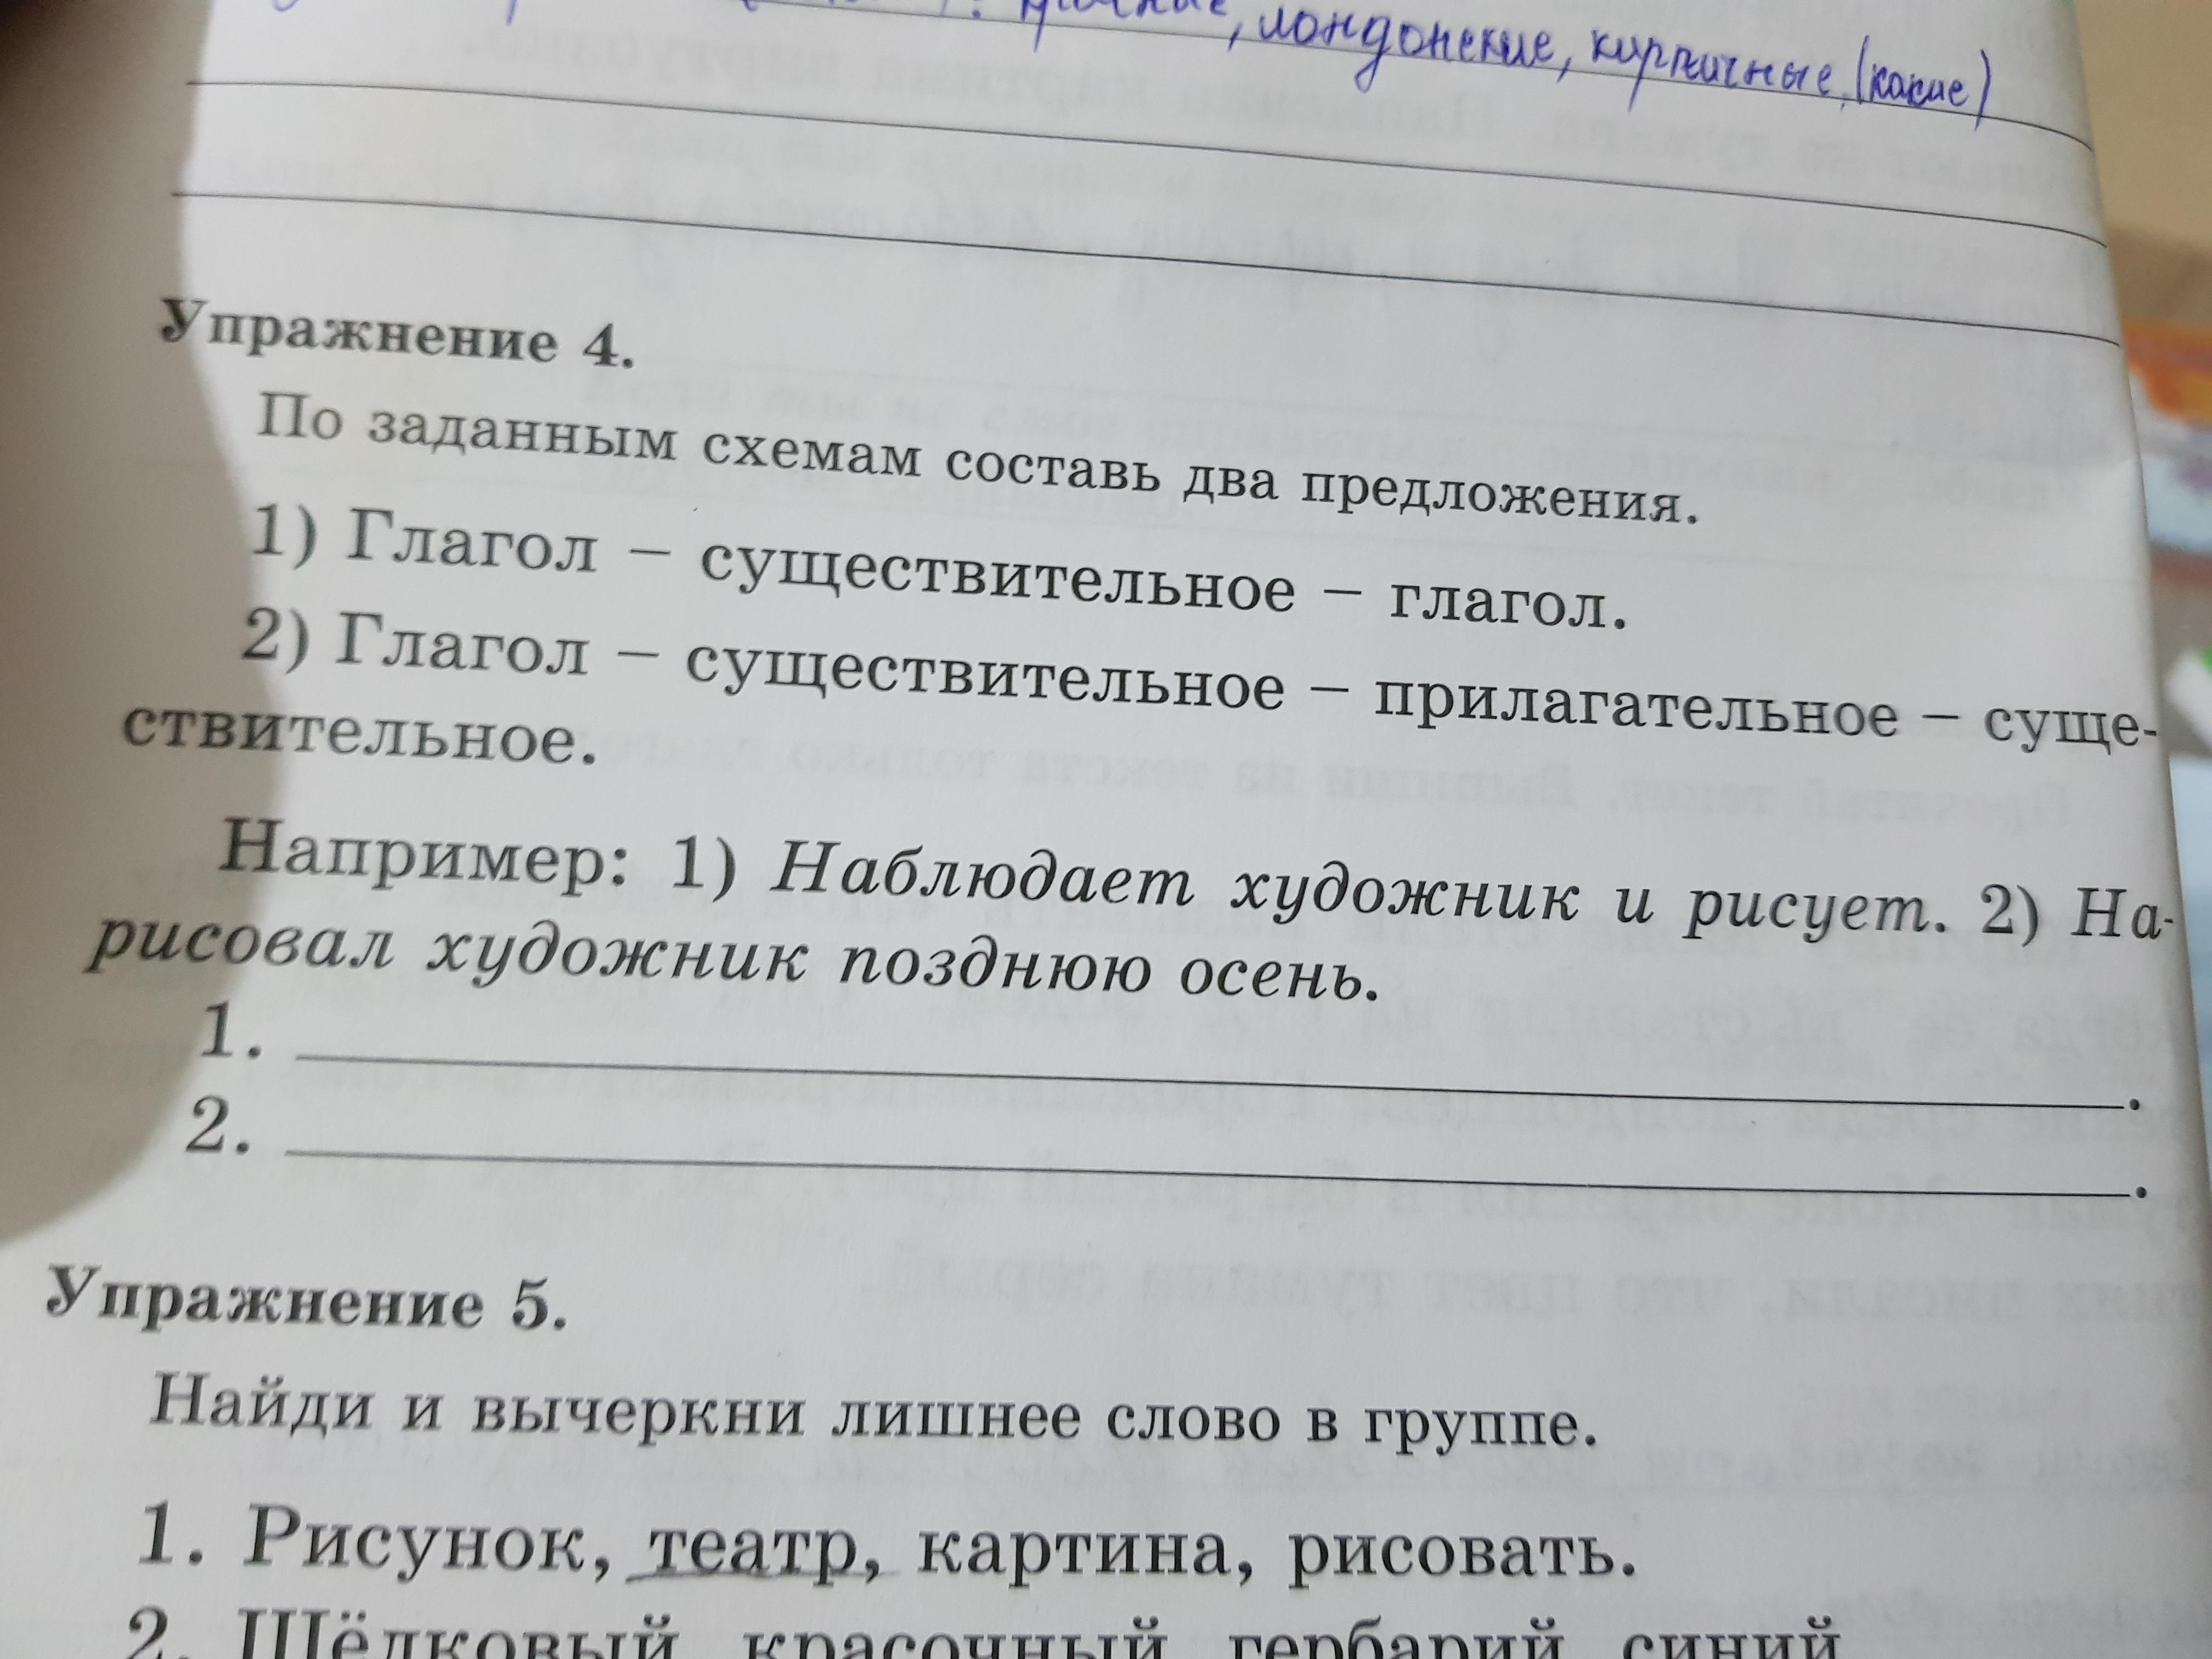 Составь предложение по схеме прилагательное существительное глагол